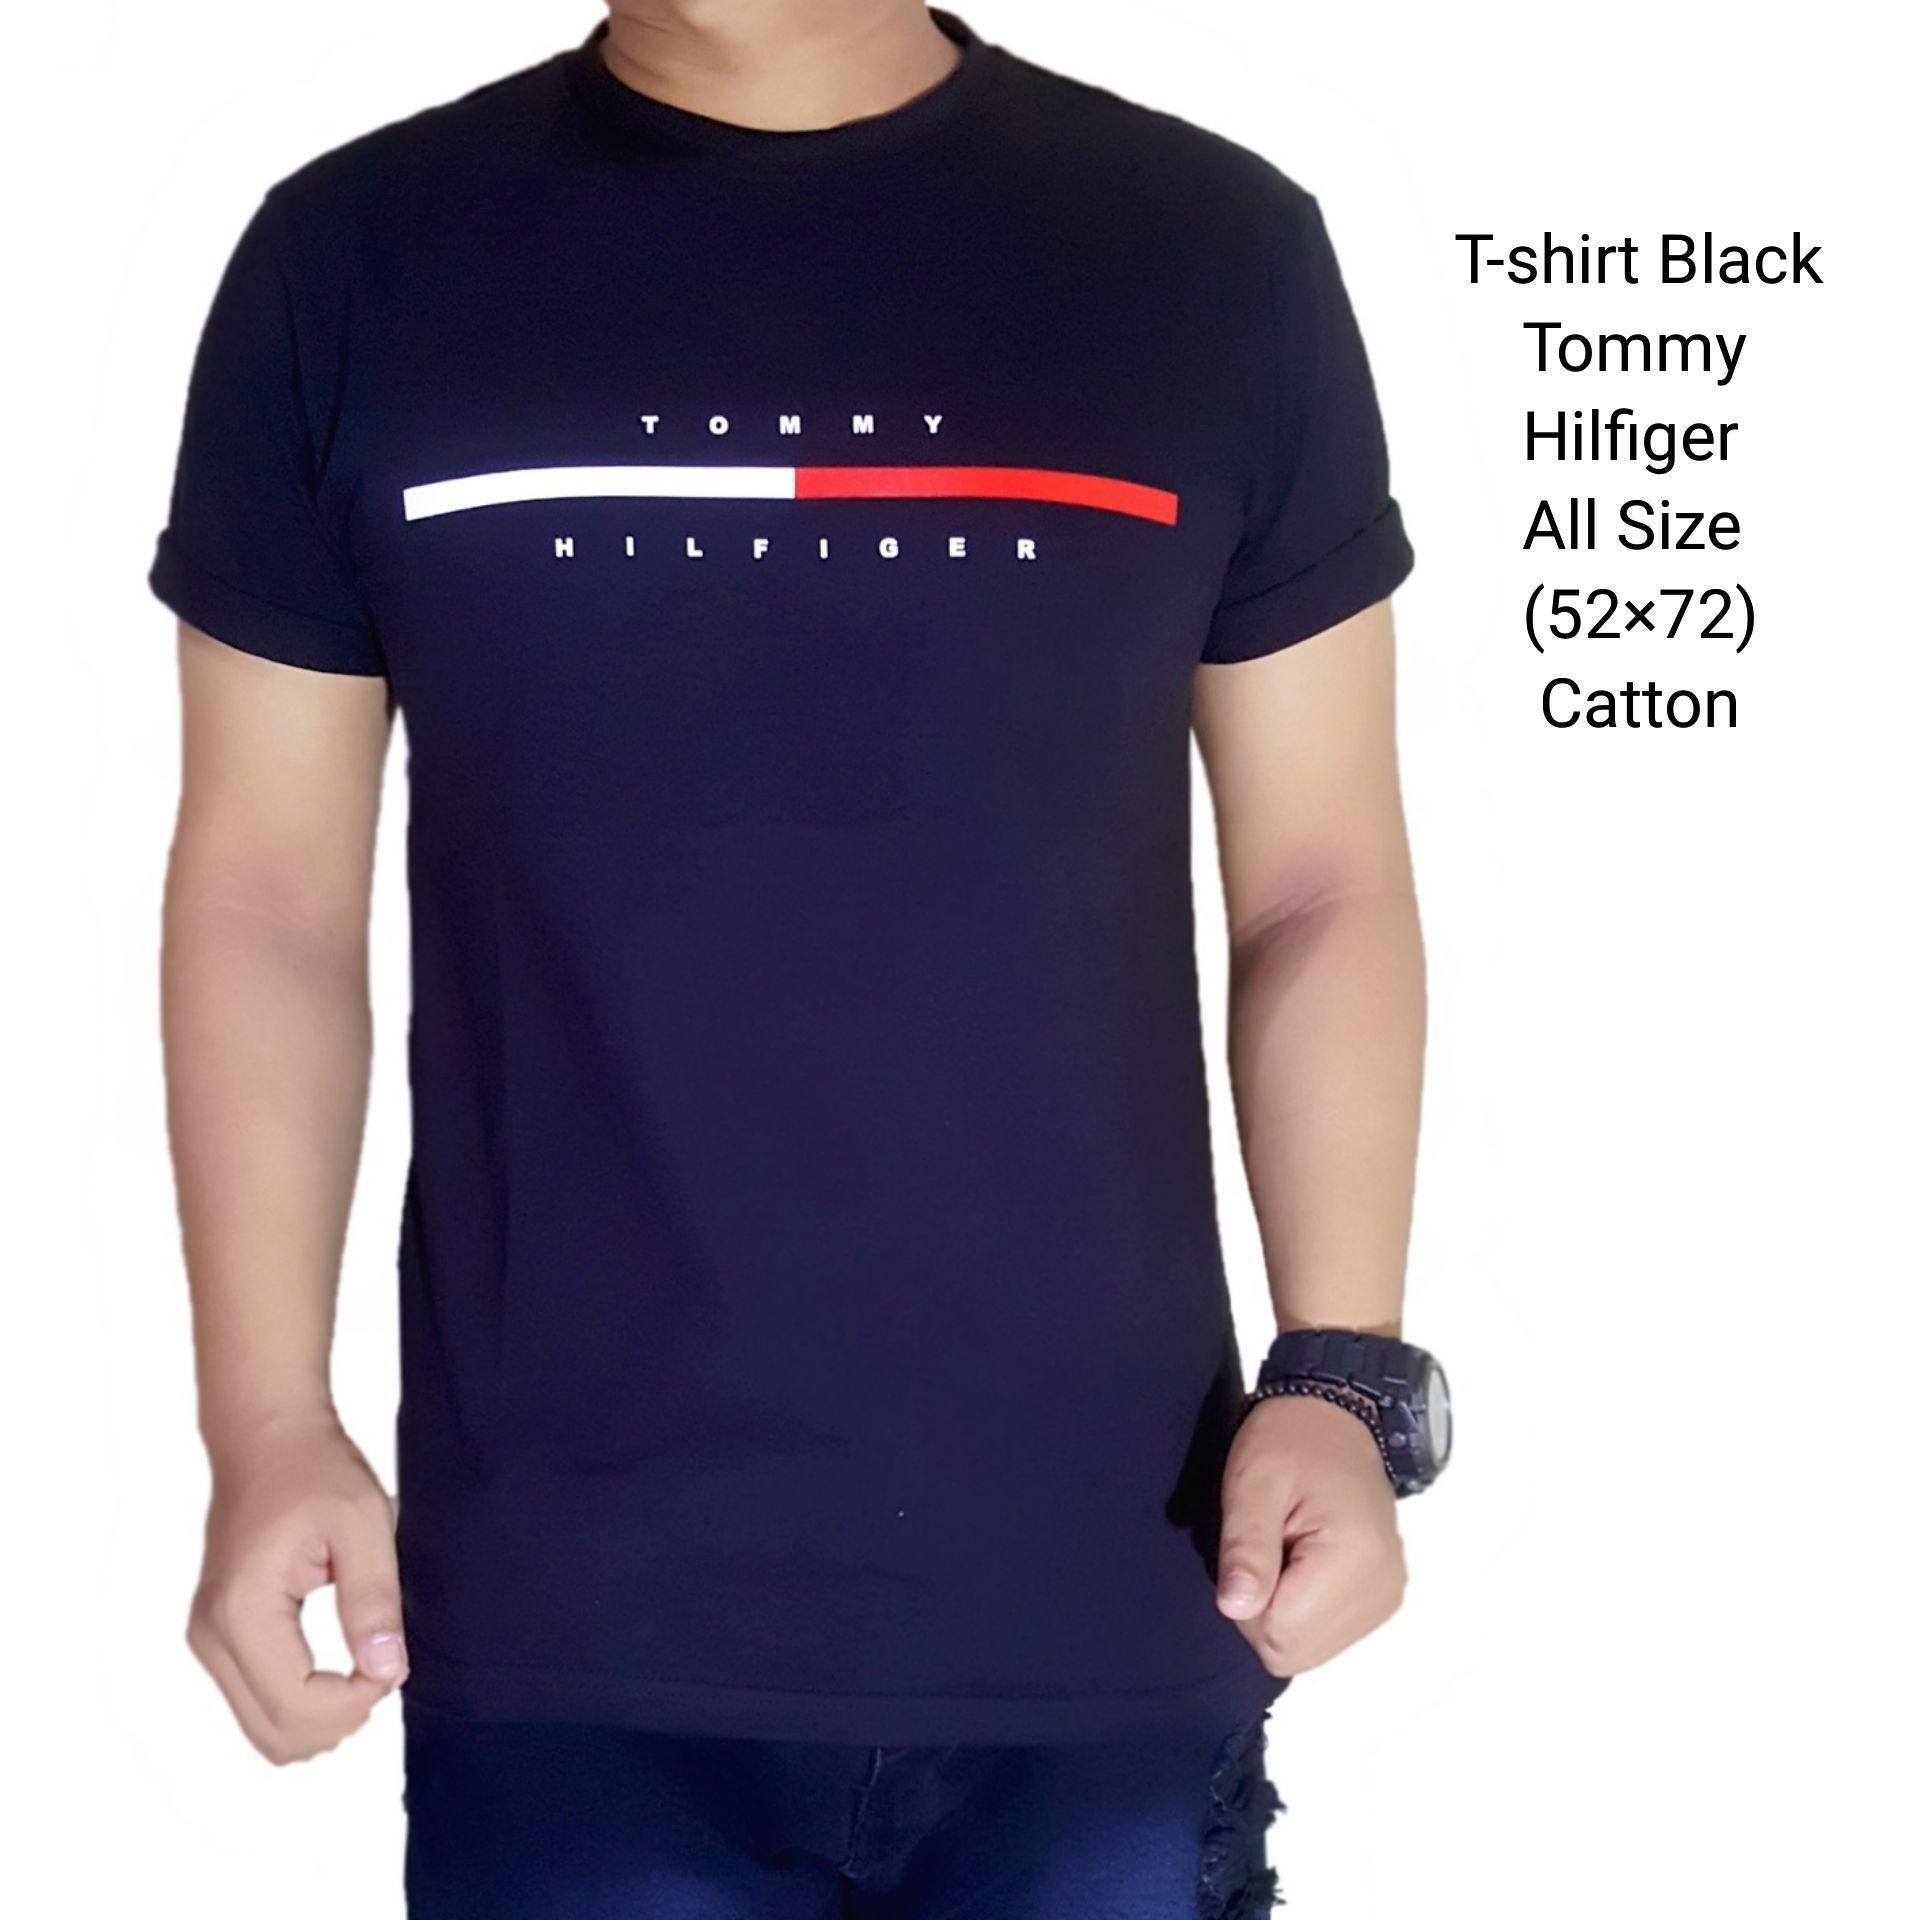 Anugrah – soft cotton  baju T-shirt terbaru- kaos gucci kombinasi- korean style - kaos nike - kaos adidas